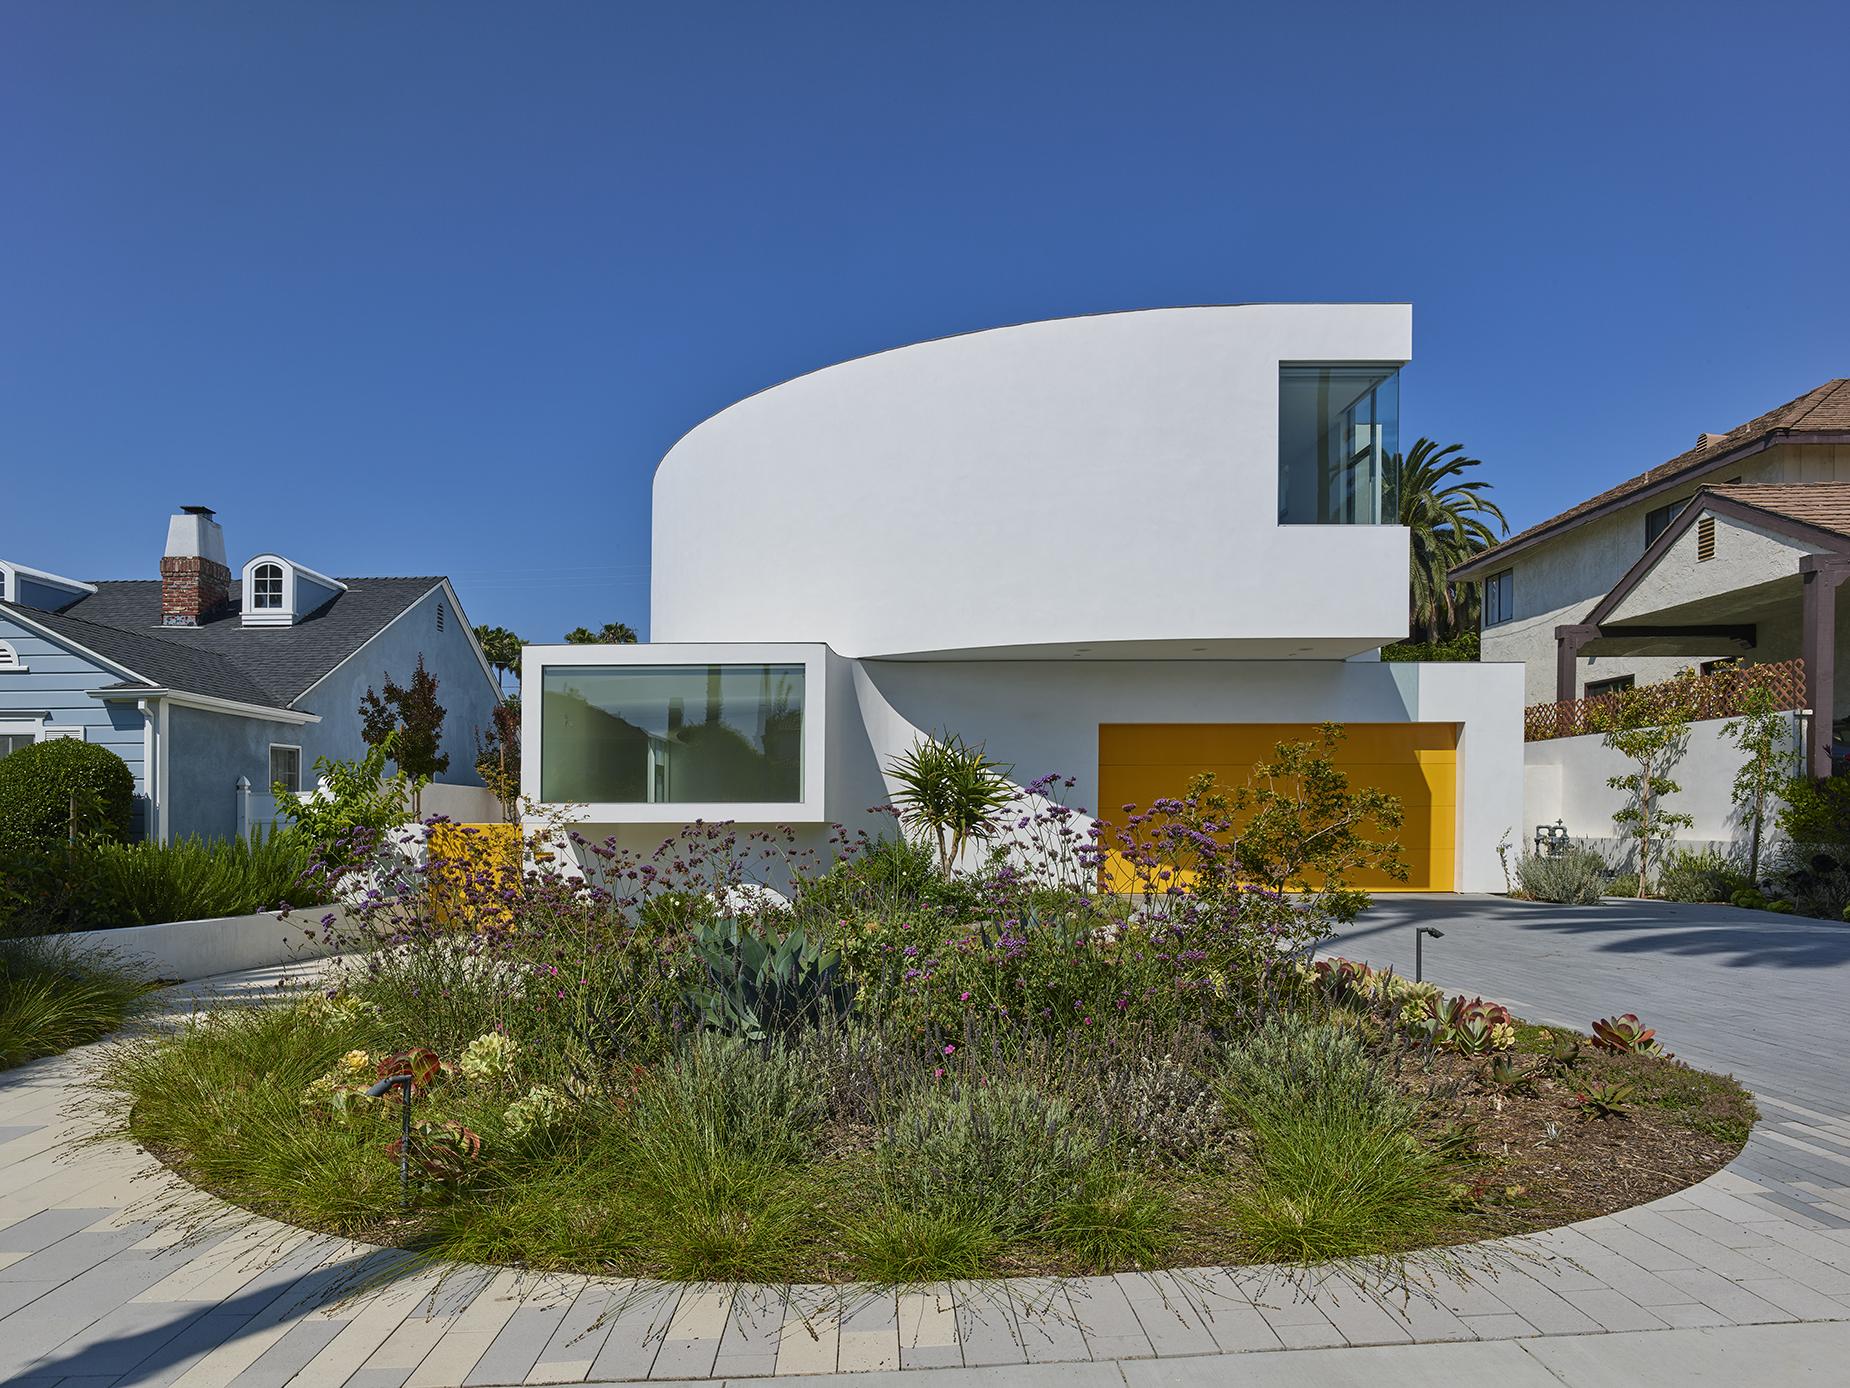 aia-residential-award-winner-casa-s.jpg